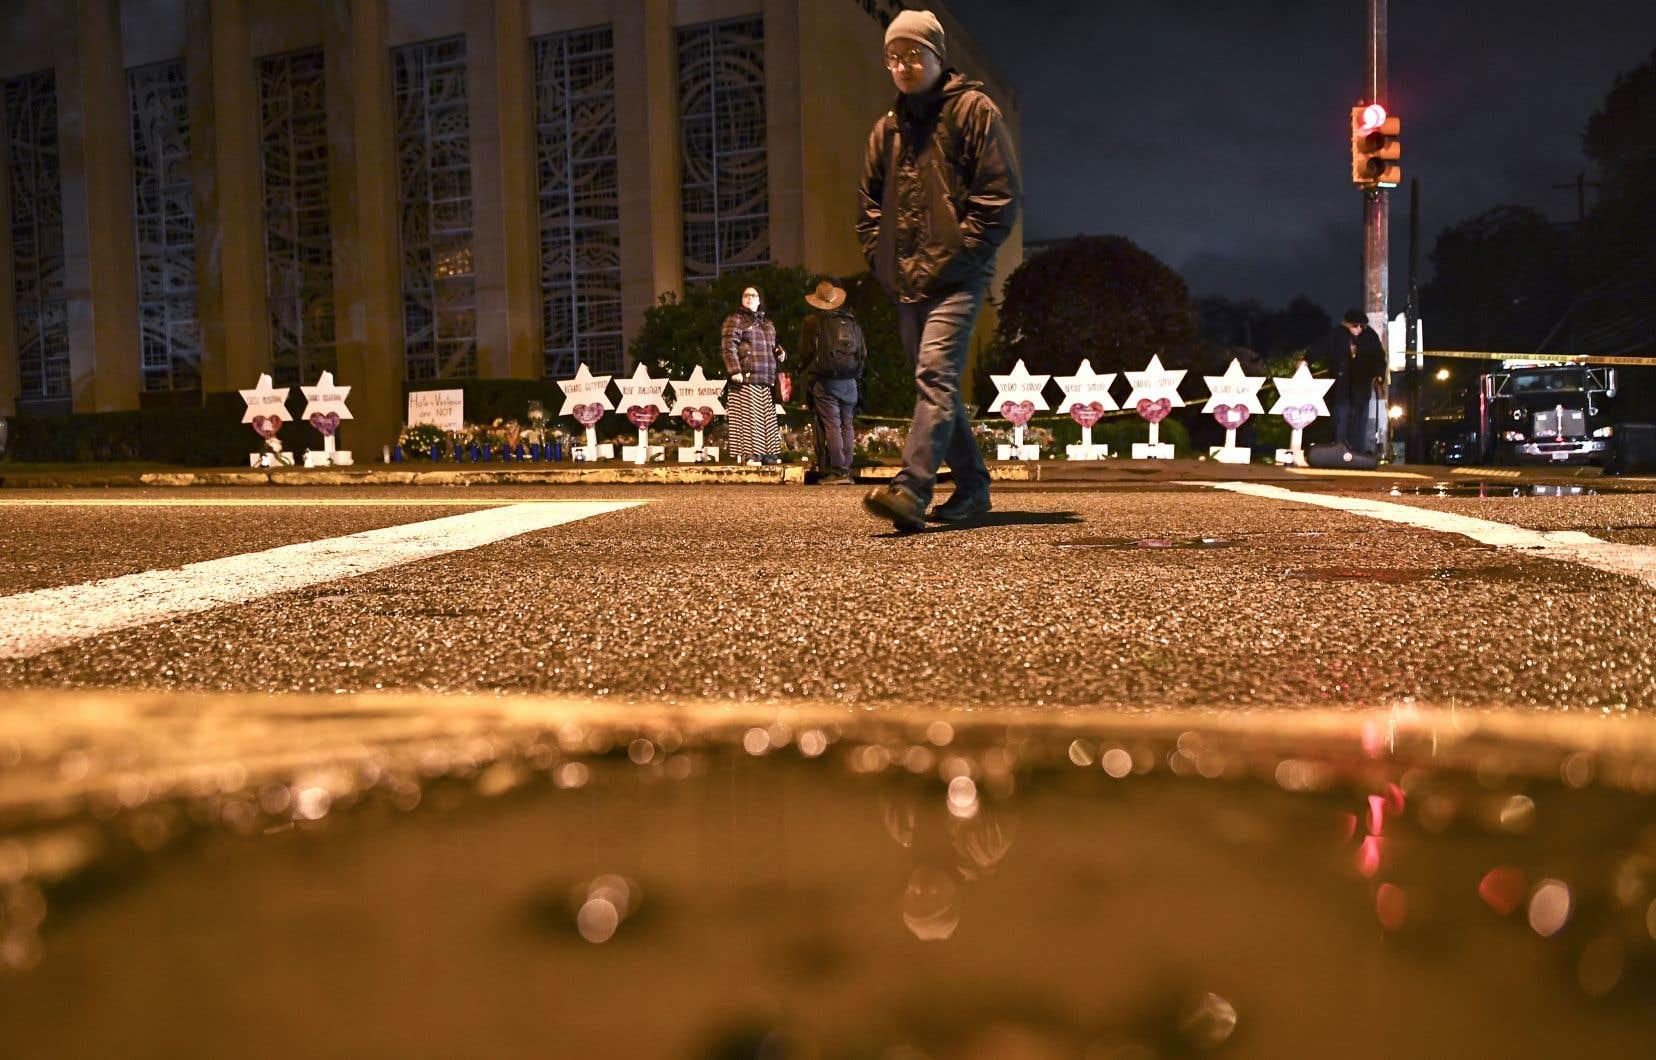 Un homme passe devant un lieu de recueillement spontané dressé en souvenir des 11 victimes de l'attaque de samedi.